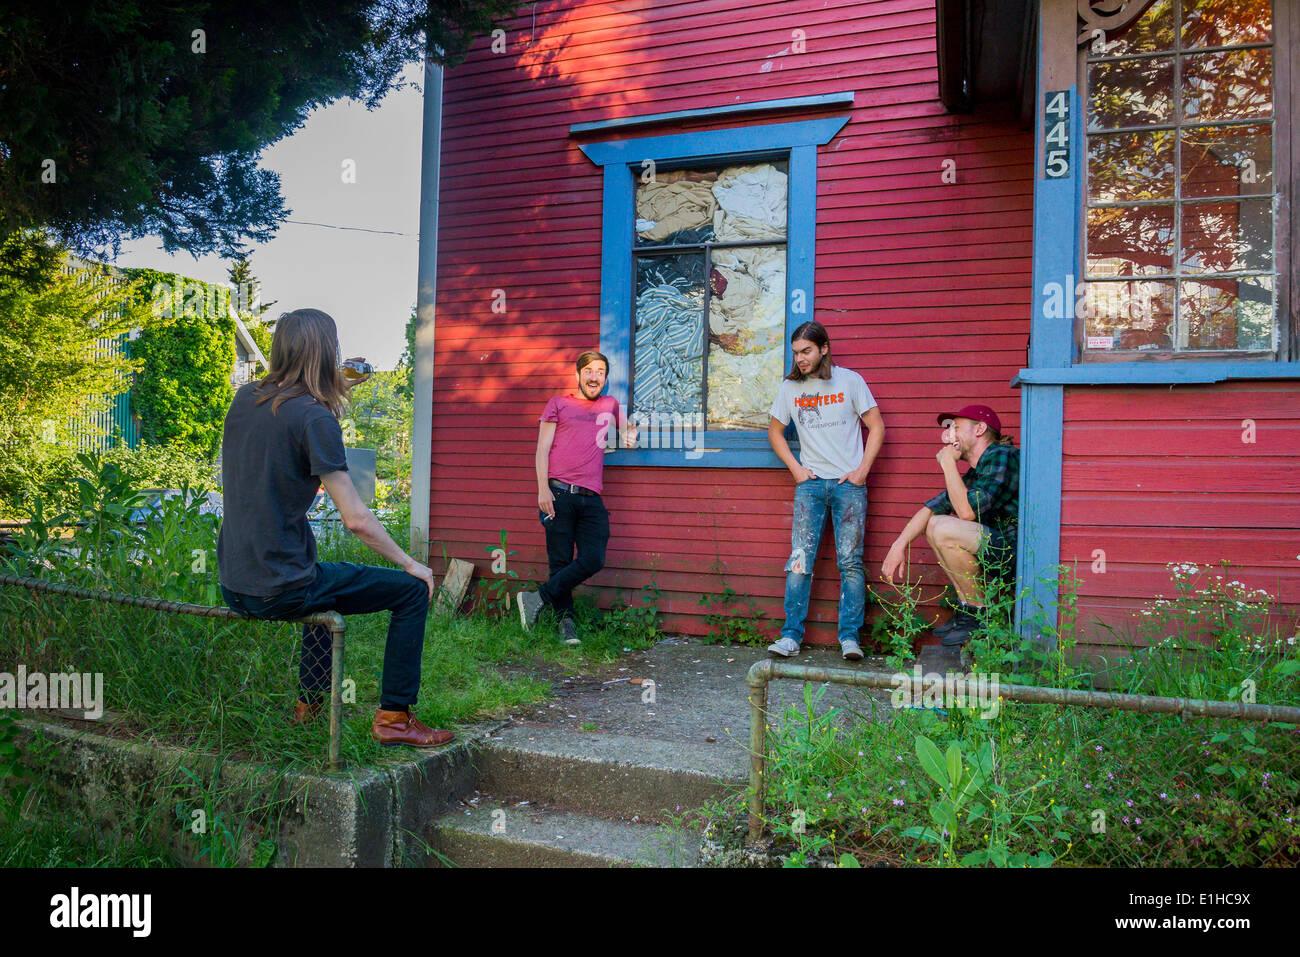 Les gars de traîner dans la cour avant, quartier Strathcona, Vancouver, British Columbia, Canada Photo Stock